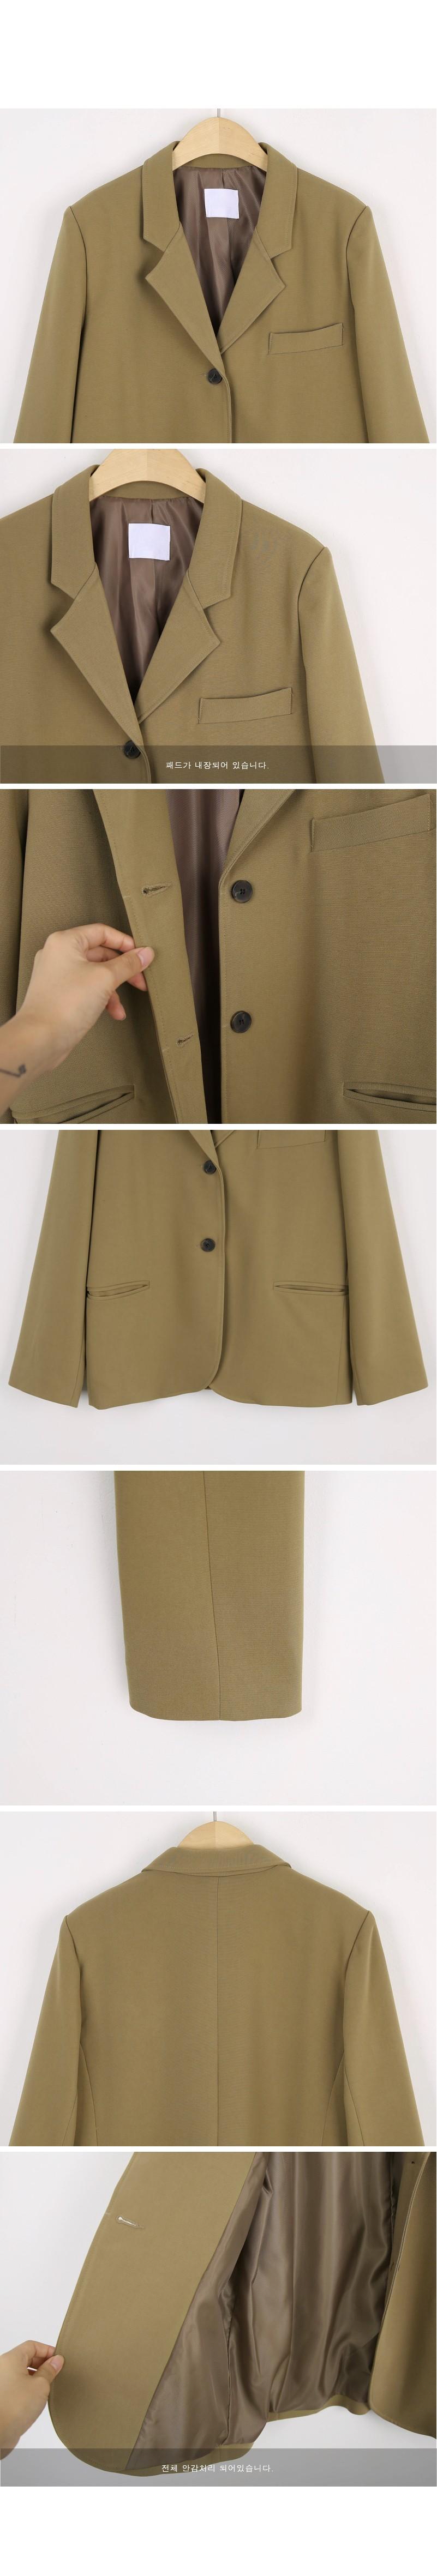 Boxy Jacket